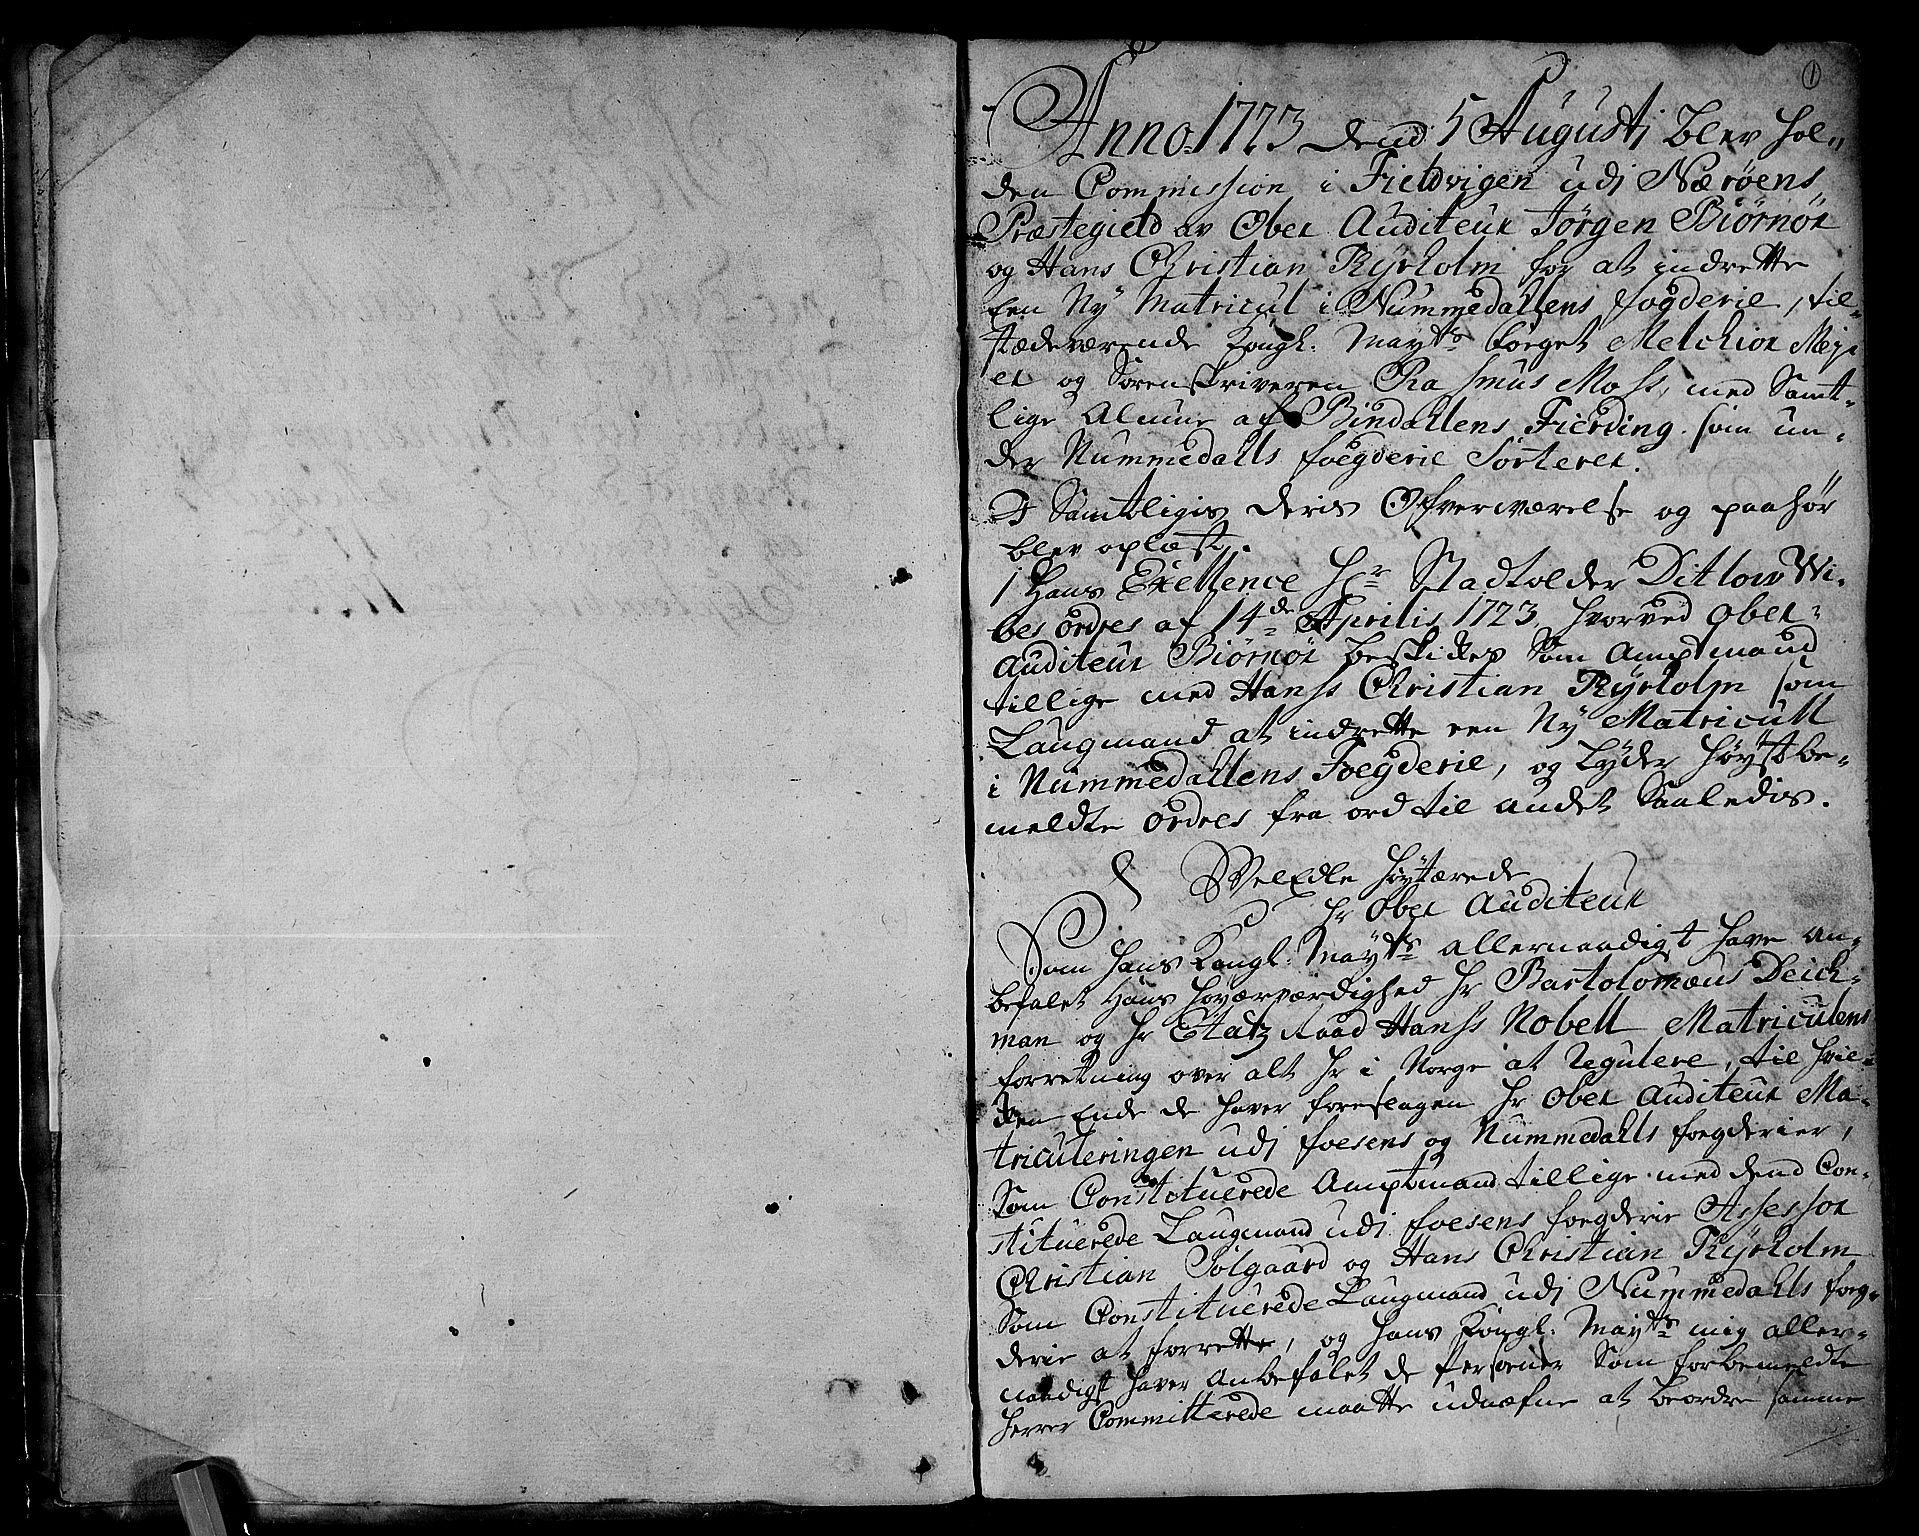 RA, Rentekammeret inntil 1814, Realistisk ordnet avdeling, N/Nb/Nbf/L0168: Namdalen eksaminasjonsprotokoll, 1723, s. 1a